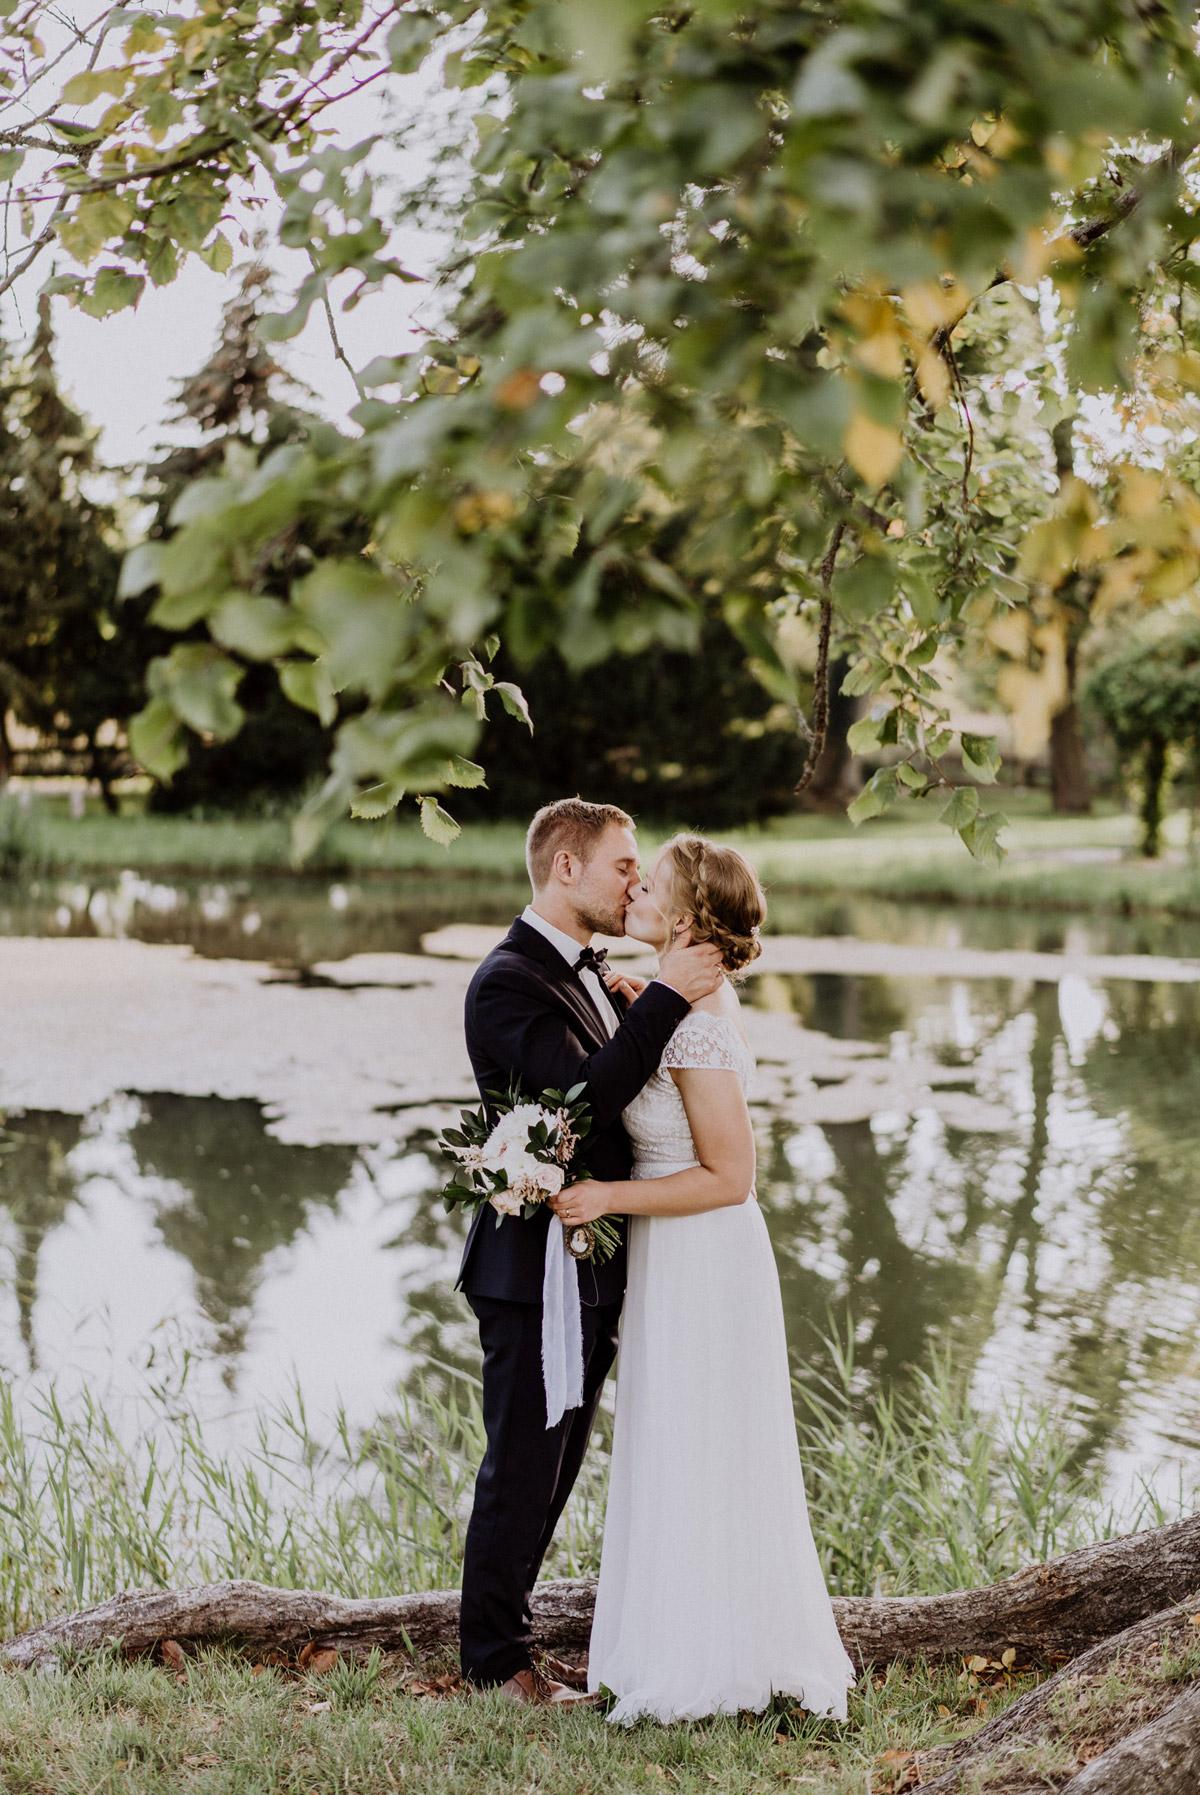 Hochzeit Paarshooting Natur vintage Brautpaar küsst sich am Teich unter Baum; Brautstrauß weiß rosa mit Bild Mutter #paarfotos #vintagehochzeit